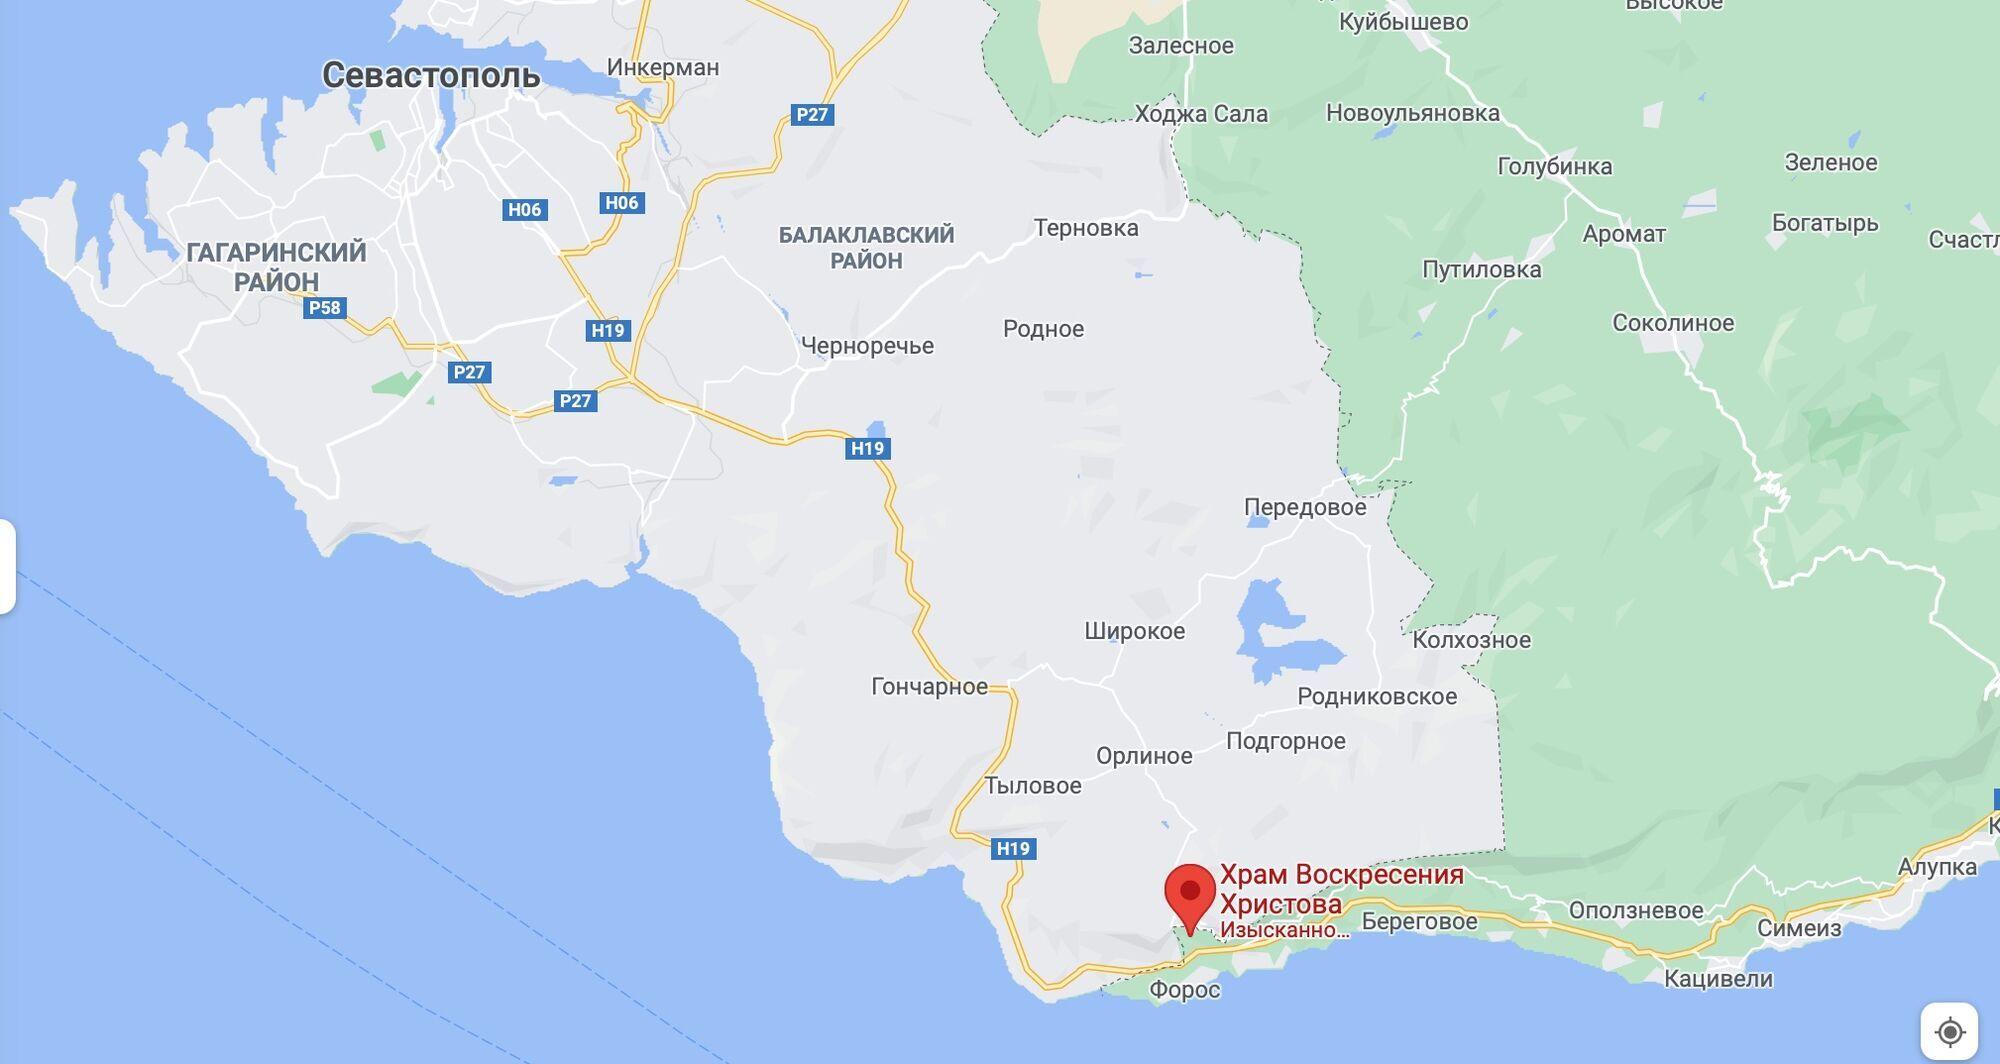 Инцидент произошел в районе Форосской церкви